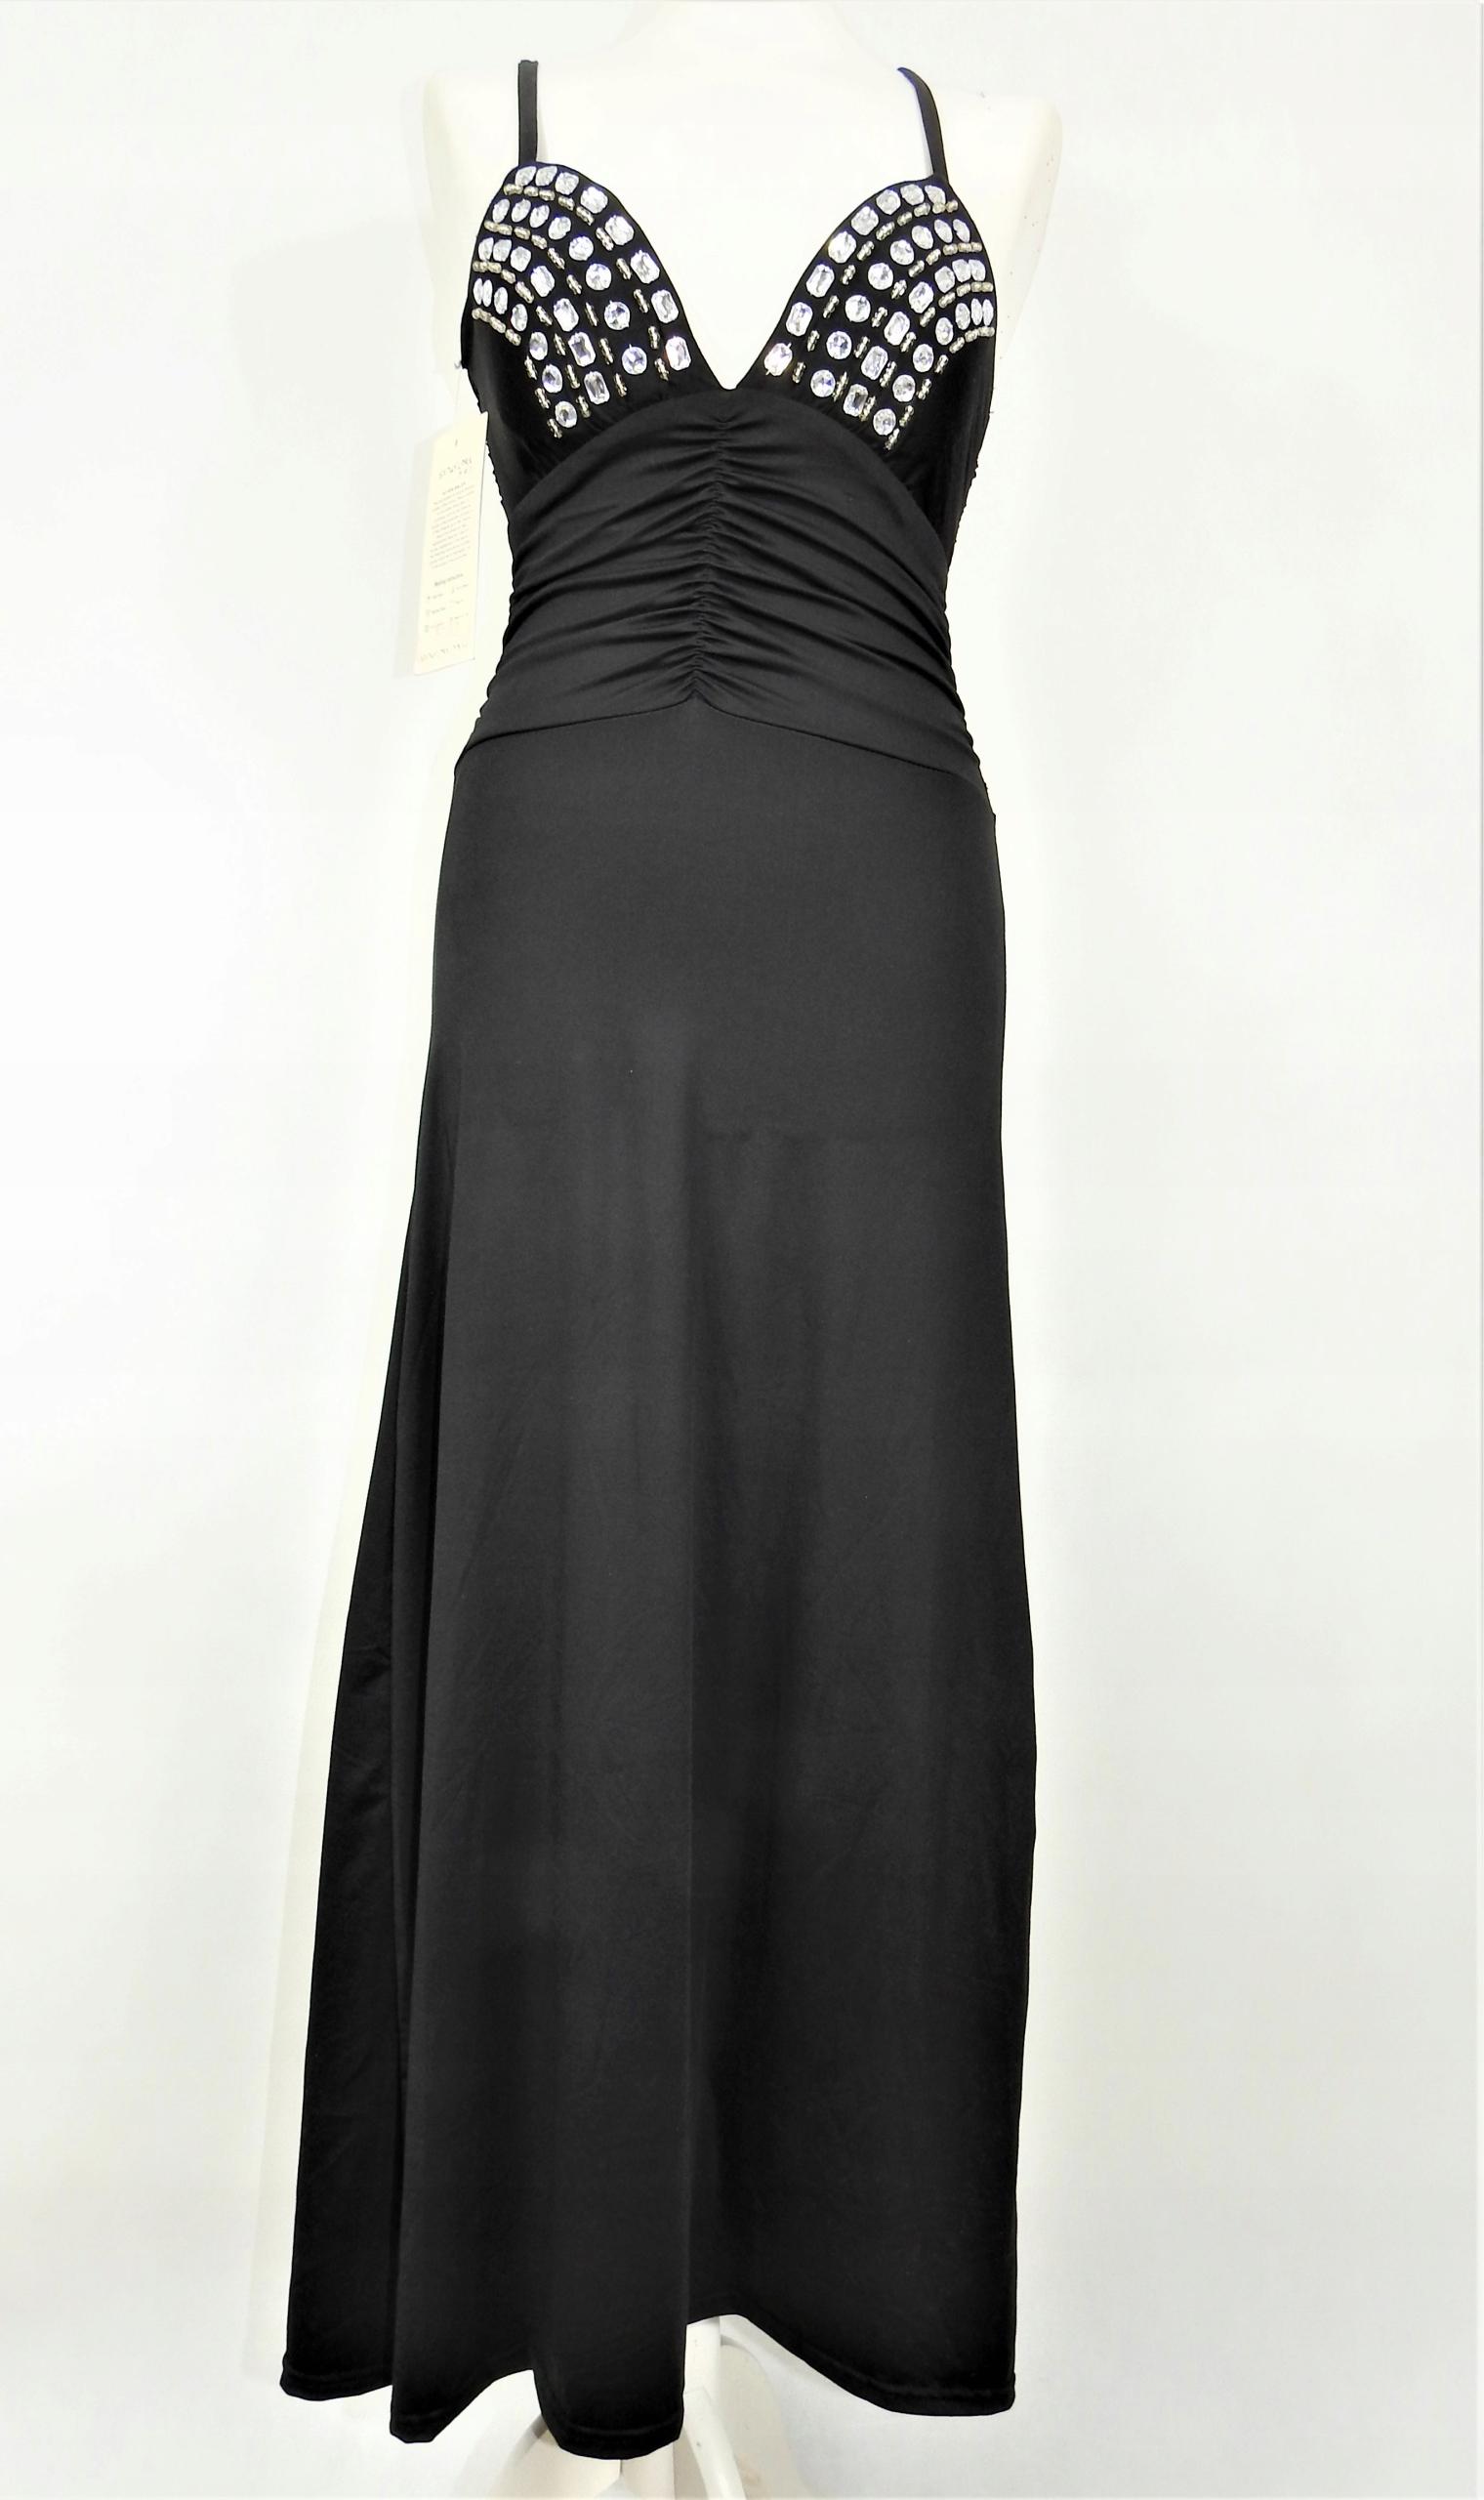 6744a57231 Nowa balowa suknia długa czarna cyrkonie 36 38 S M - 7762912353 ...